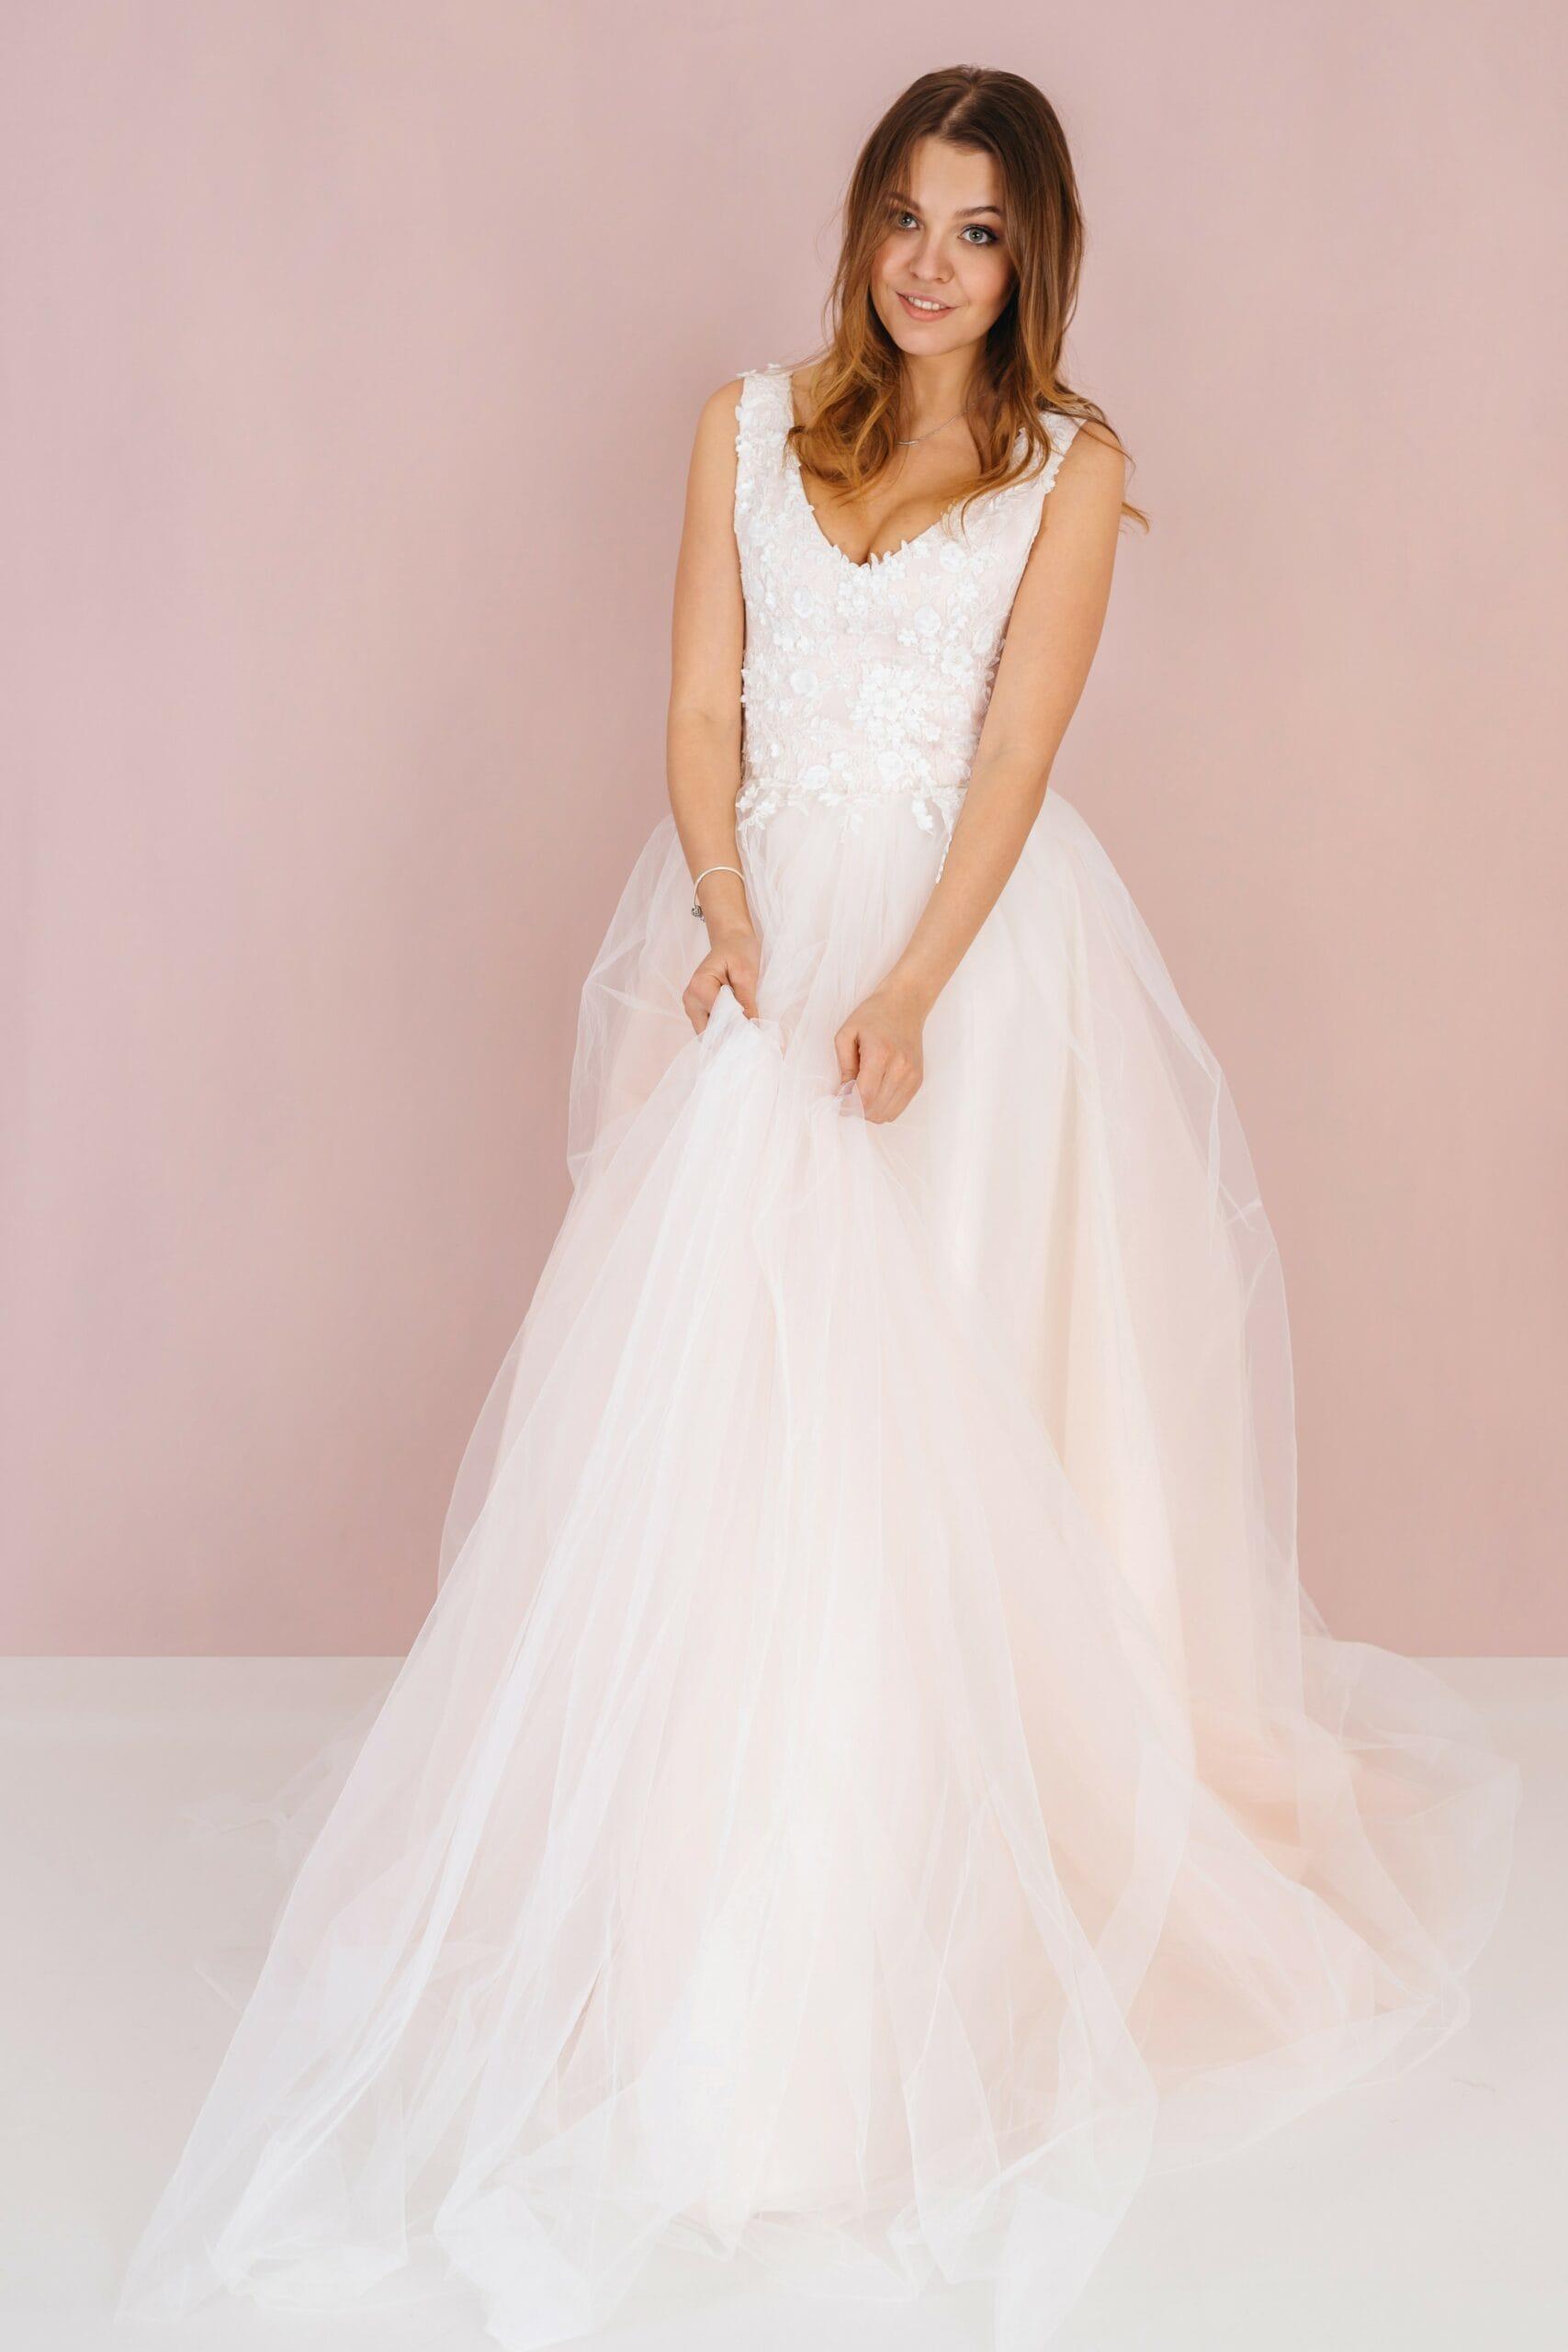 Свадебное платье LASSIE, коллекция LOFT, бренд RARE BRIDAL, фото 3